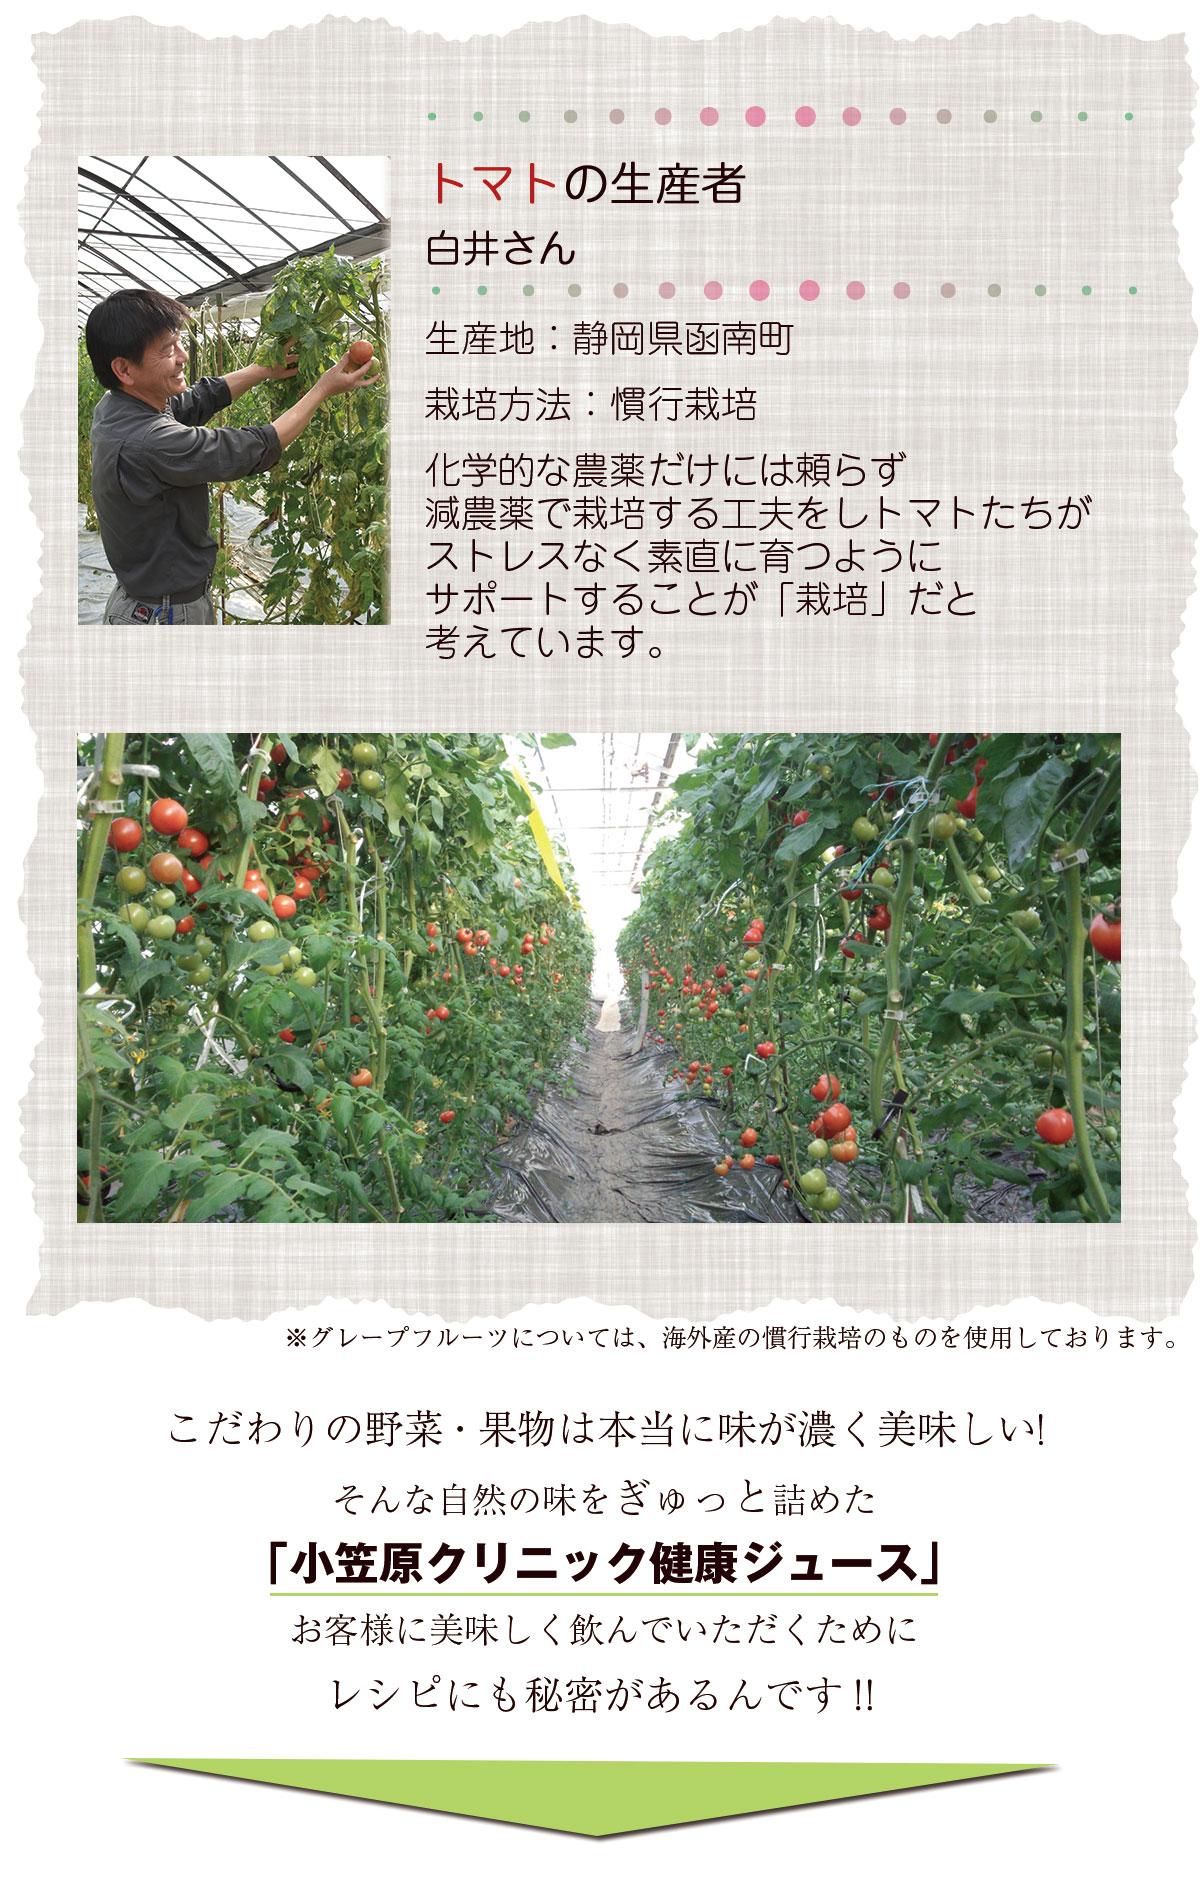 トマトの生産者白井さん